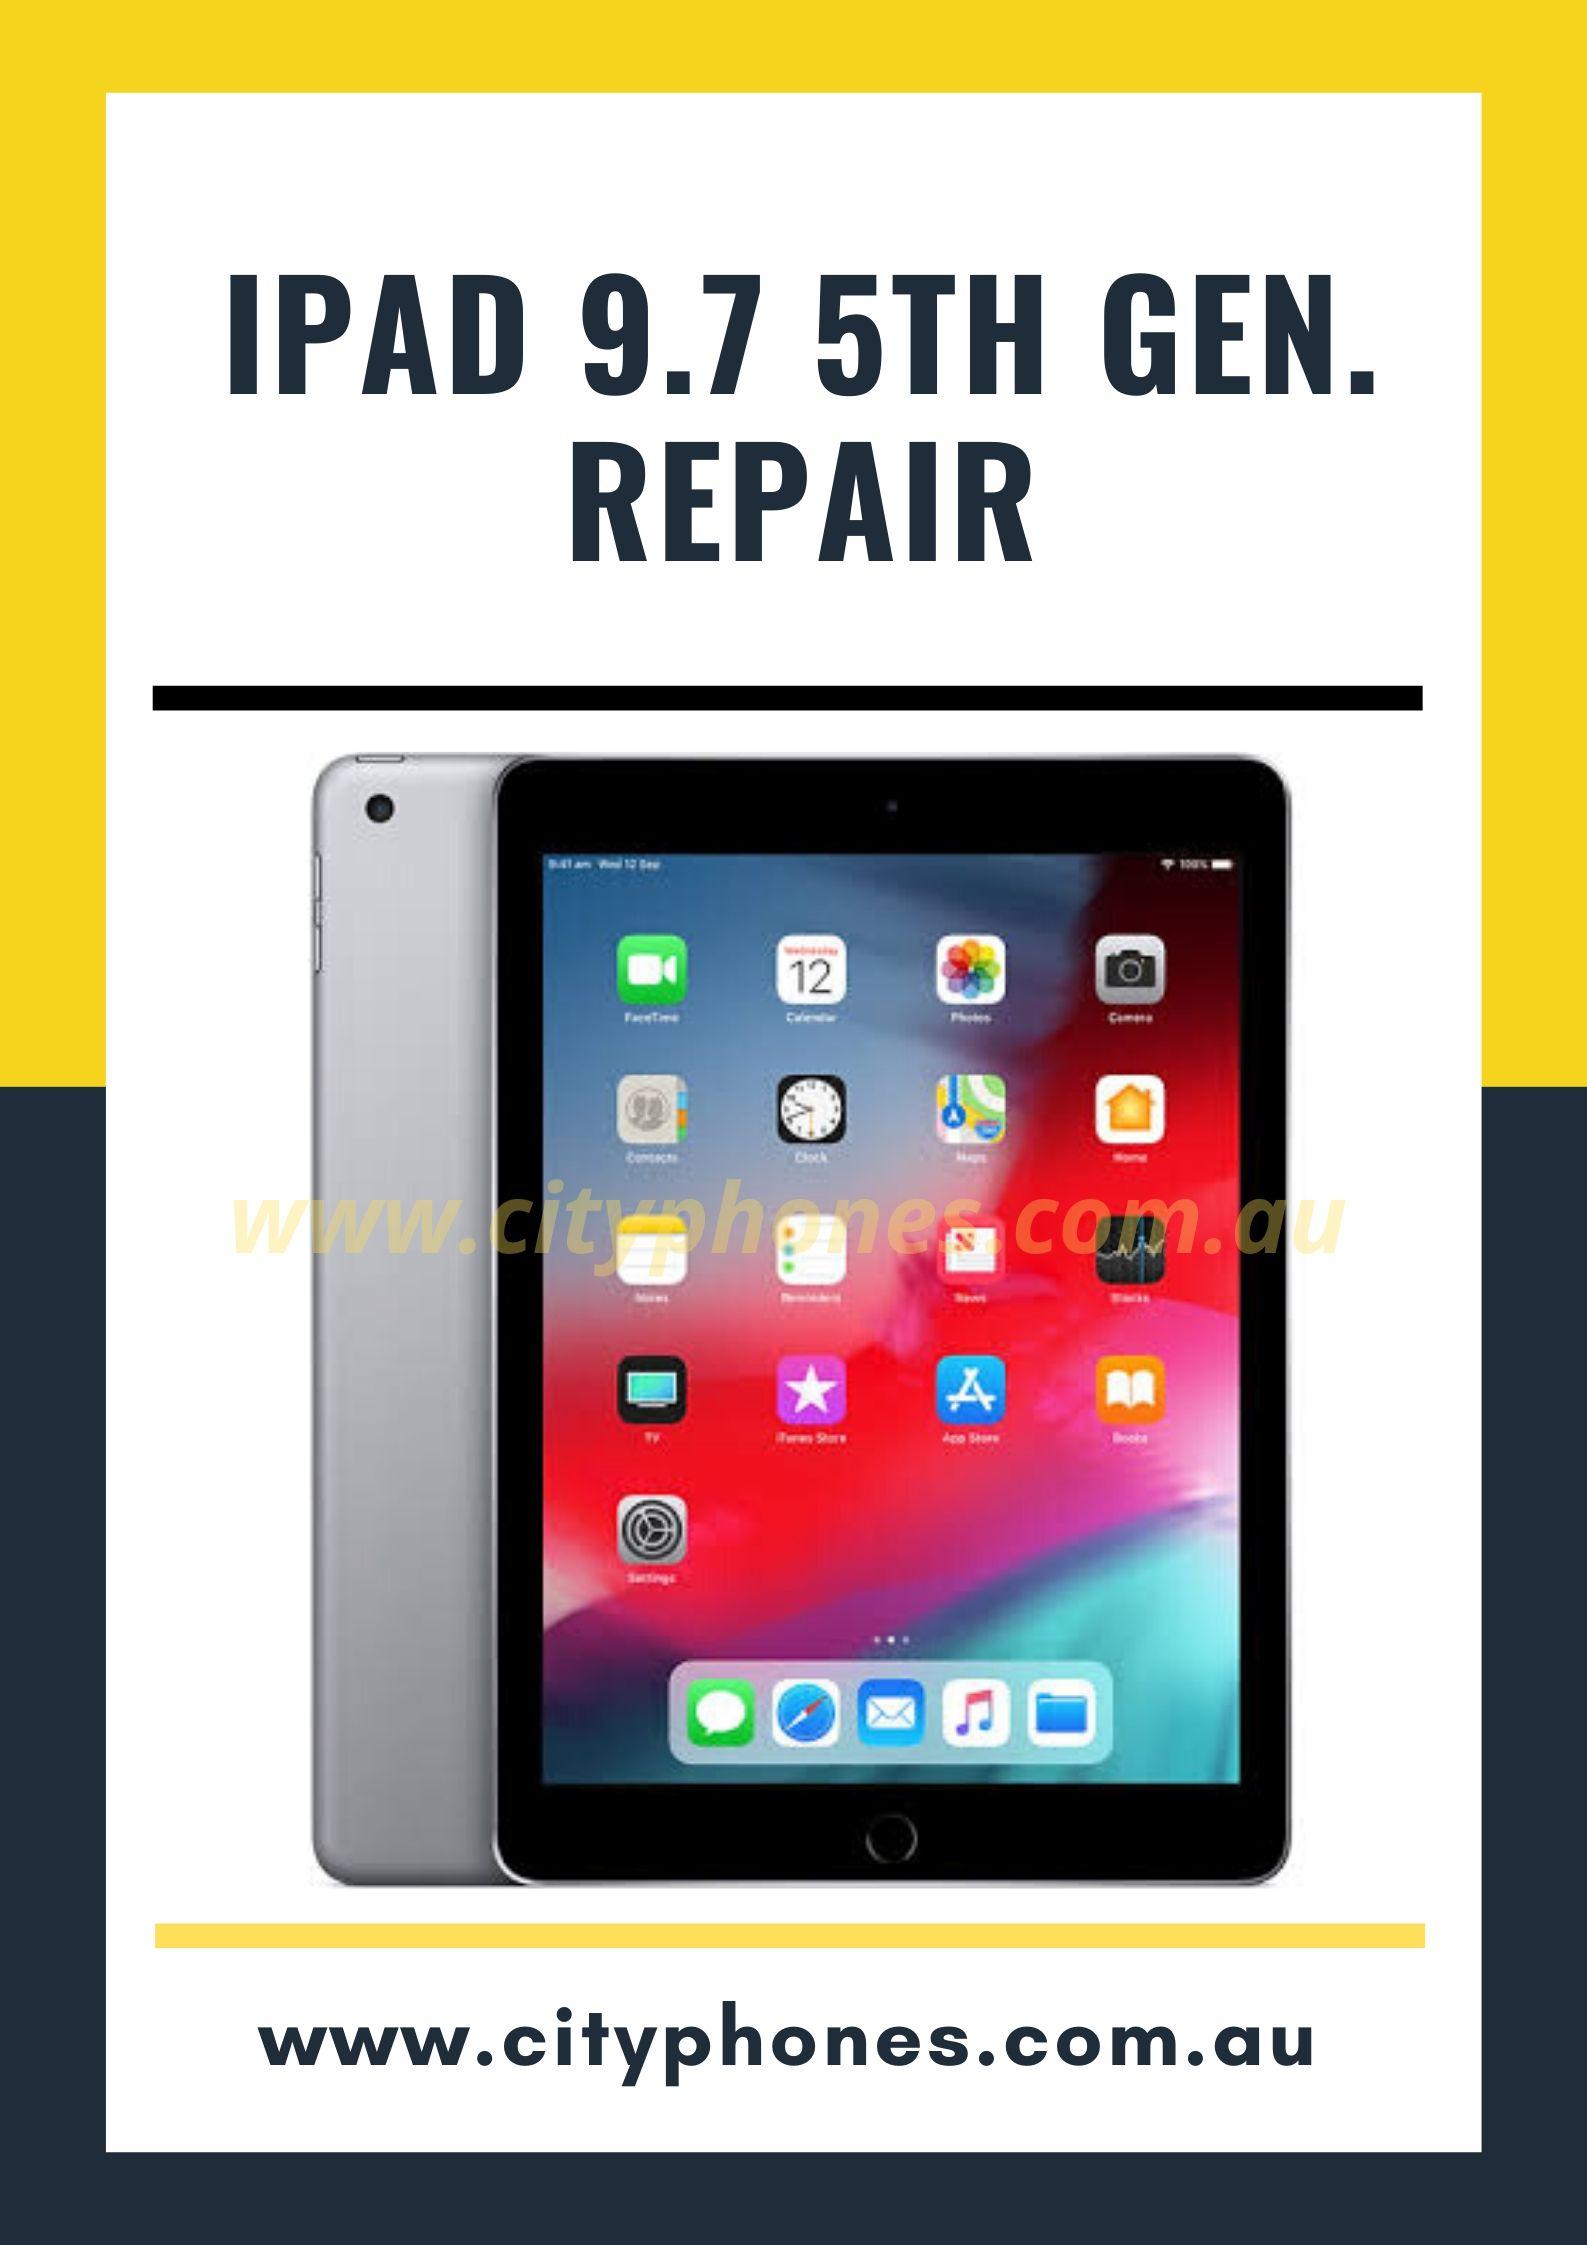 ipad 9.7 screen repair